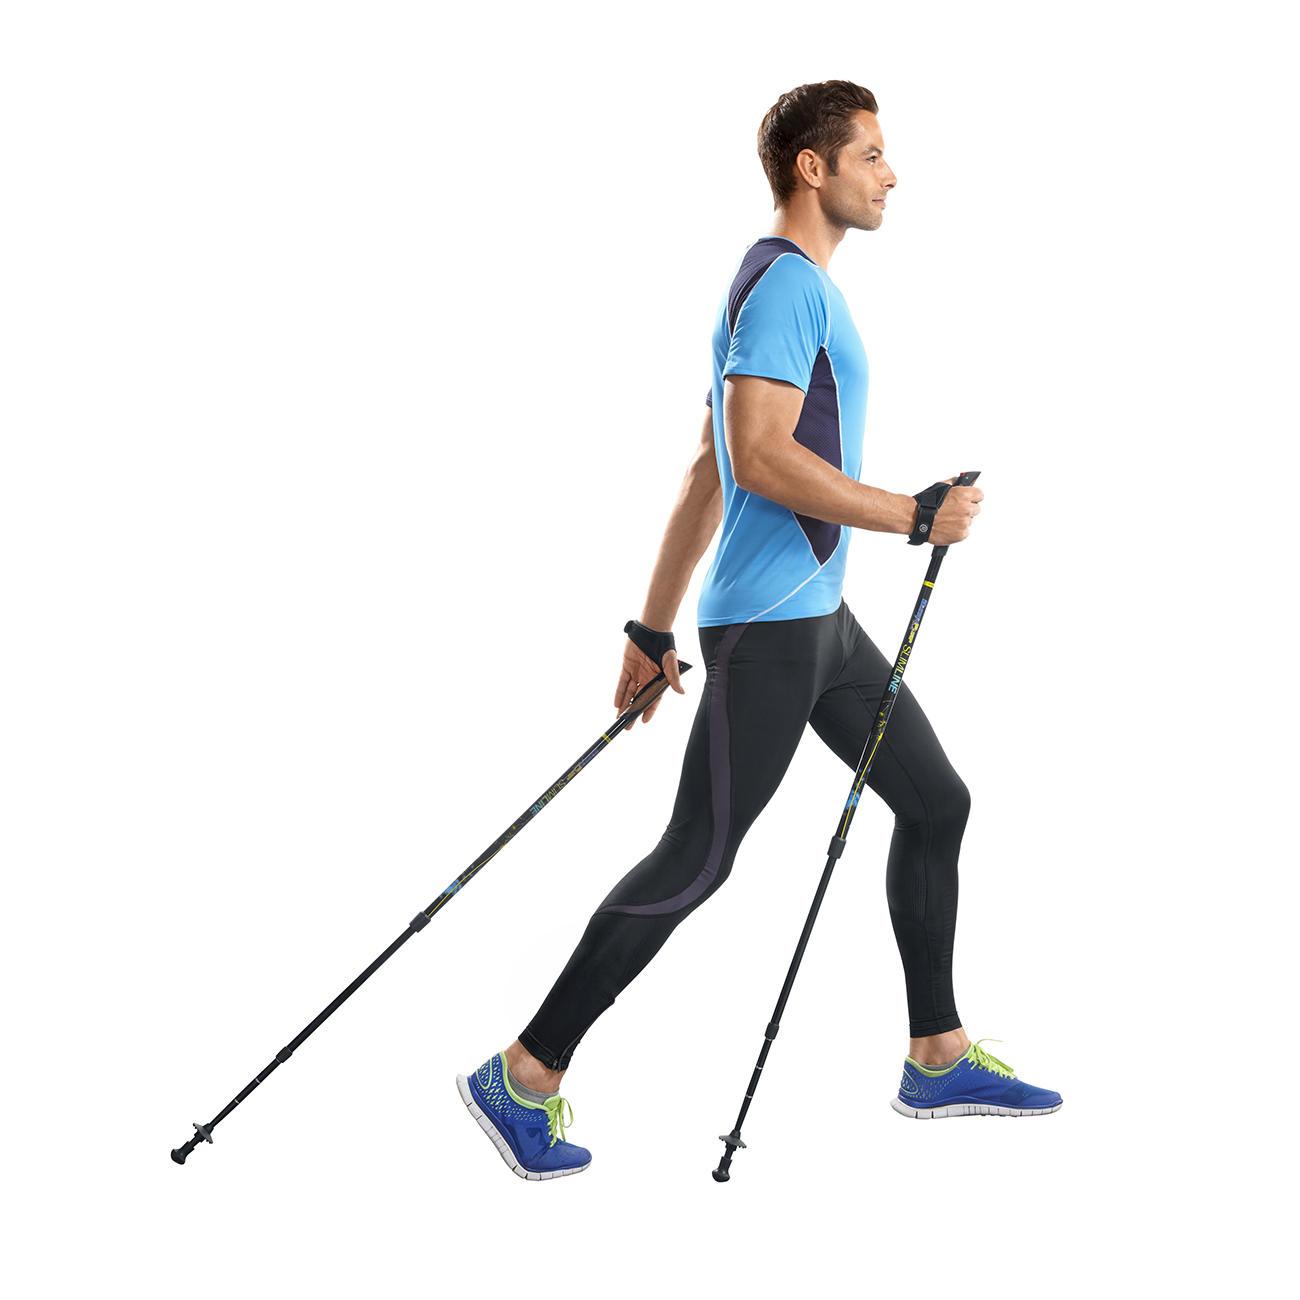 Aktive Walkingstöcke Effektiver trainieren dank Feder-Widerstand. Belegt durch eine Studie der Modo Sports Academy, Schweden.